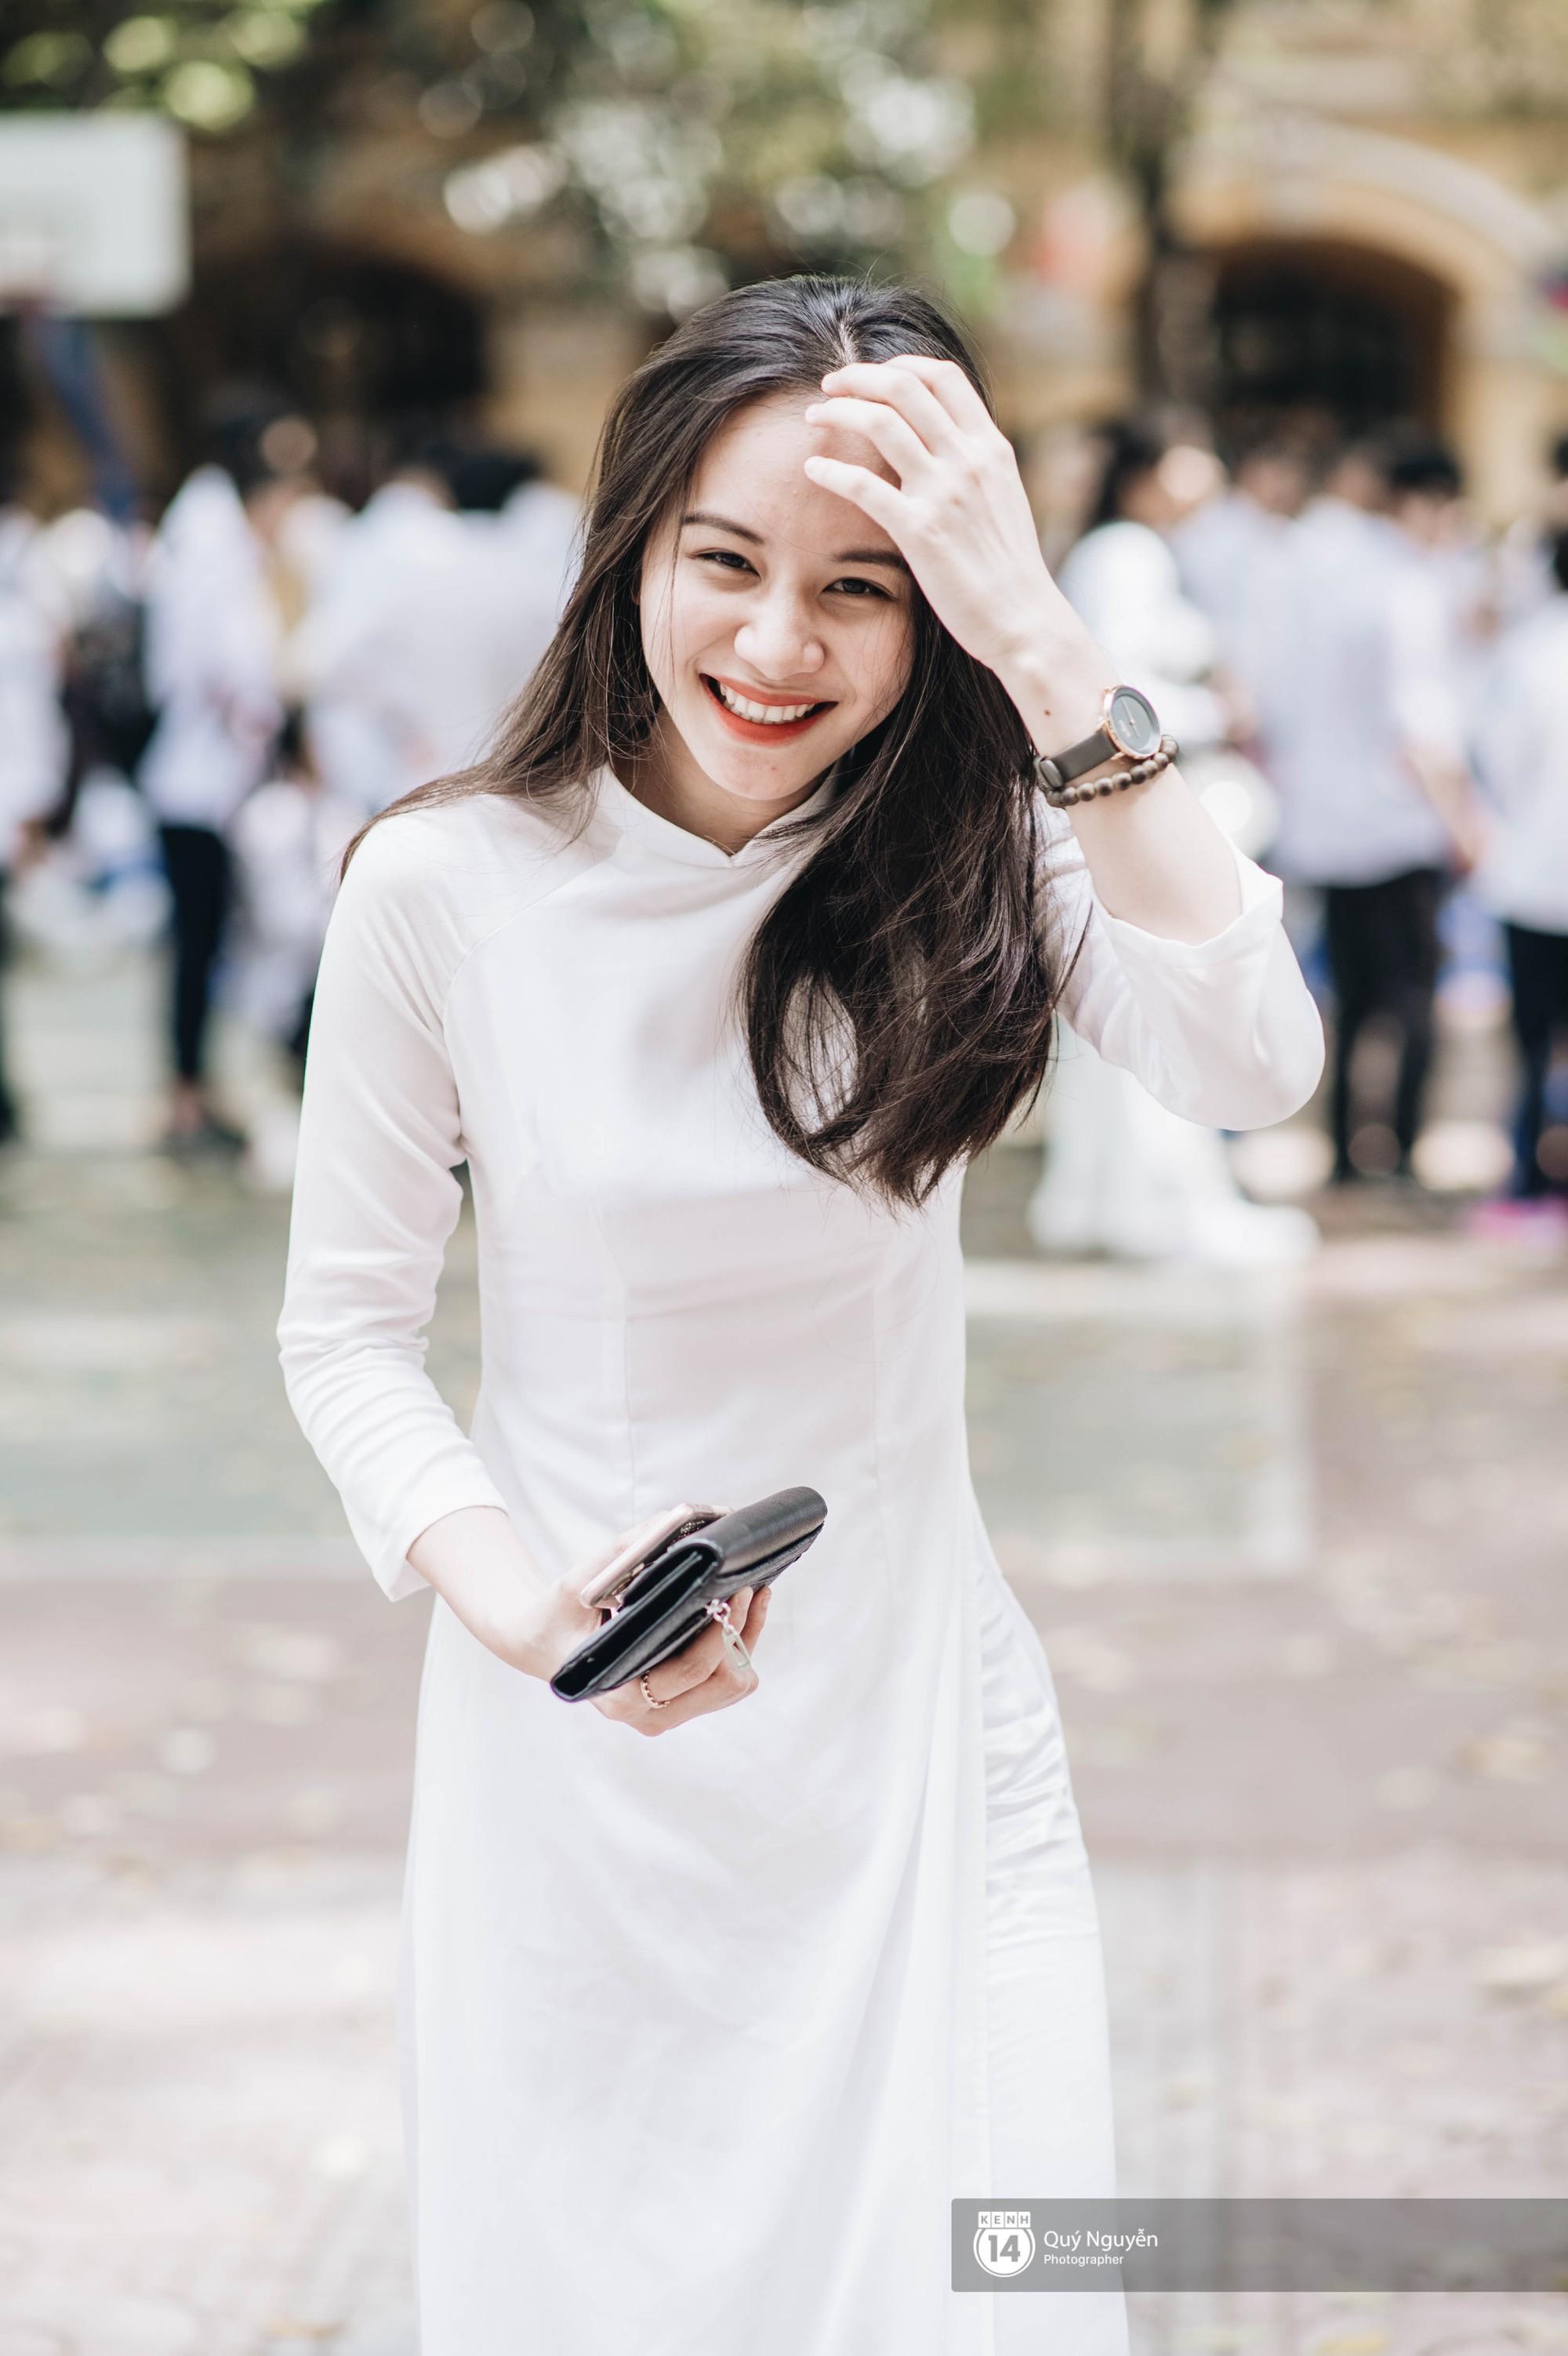 Đặc sản mùa bế giảng: Con gái Hà Nội chỉ cần diện áo dài trắng thôi là xinh hết phần người khác rồi! - Ảnh 9.